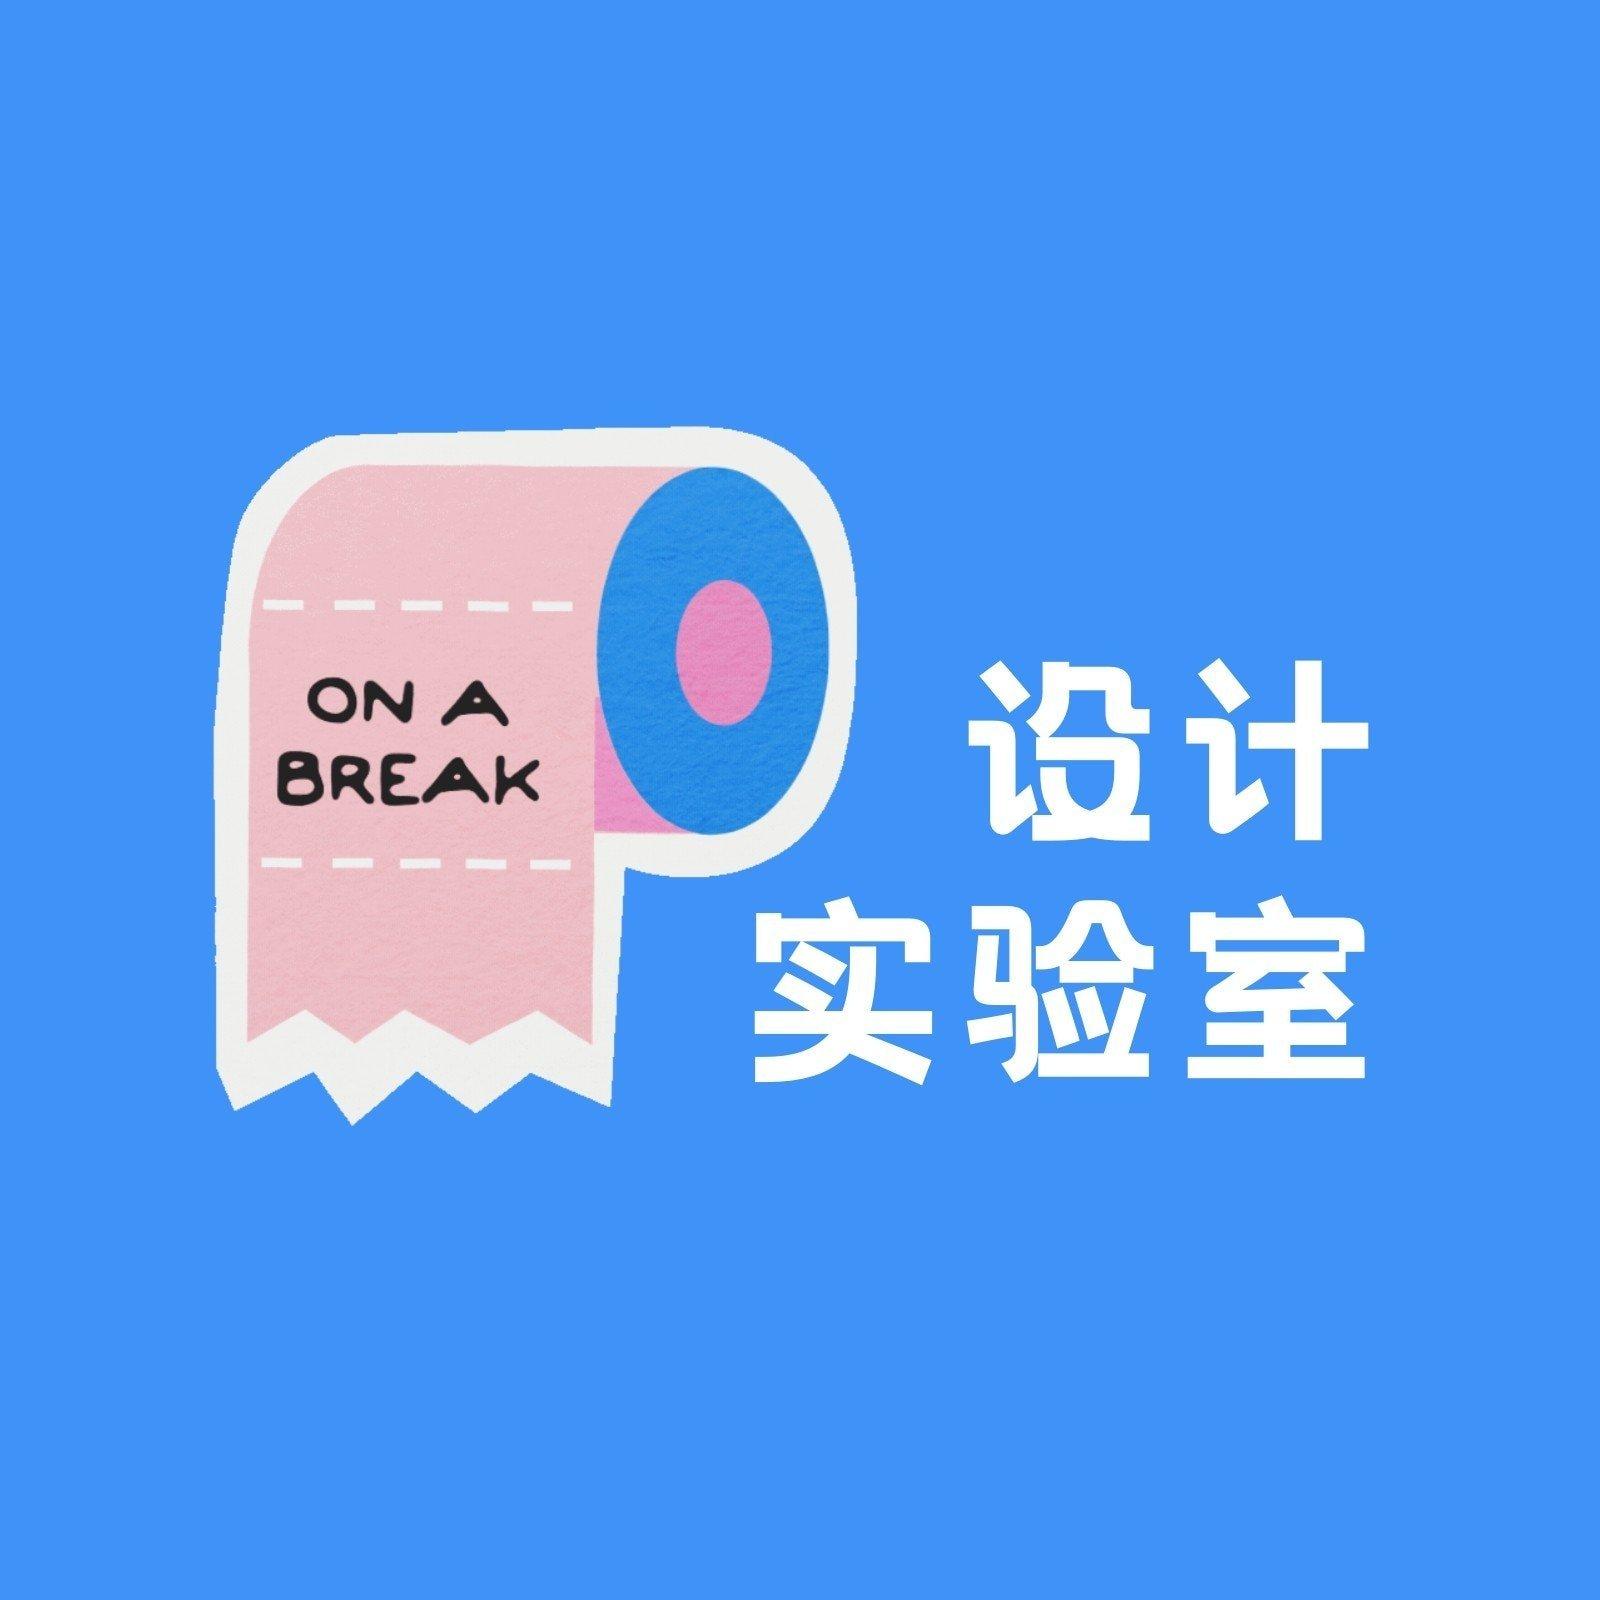 蓝粉色动态logo卫生纸休息设计实验室创意艺术宣传中文logo